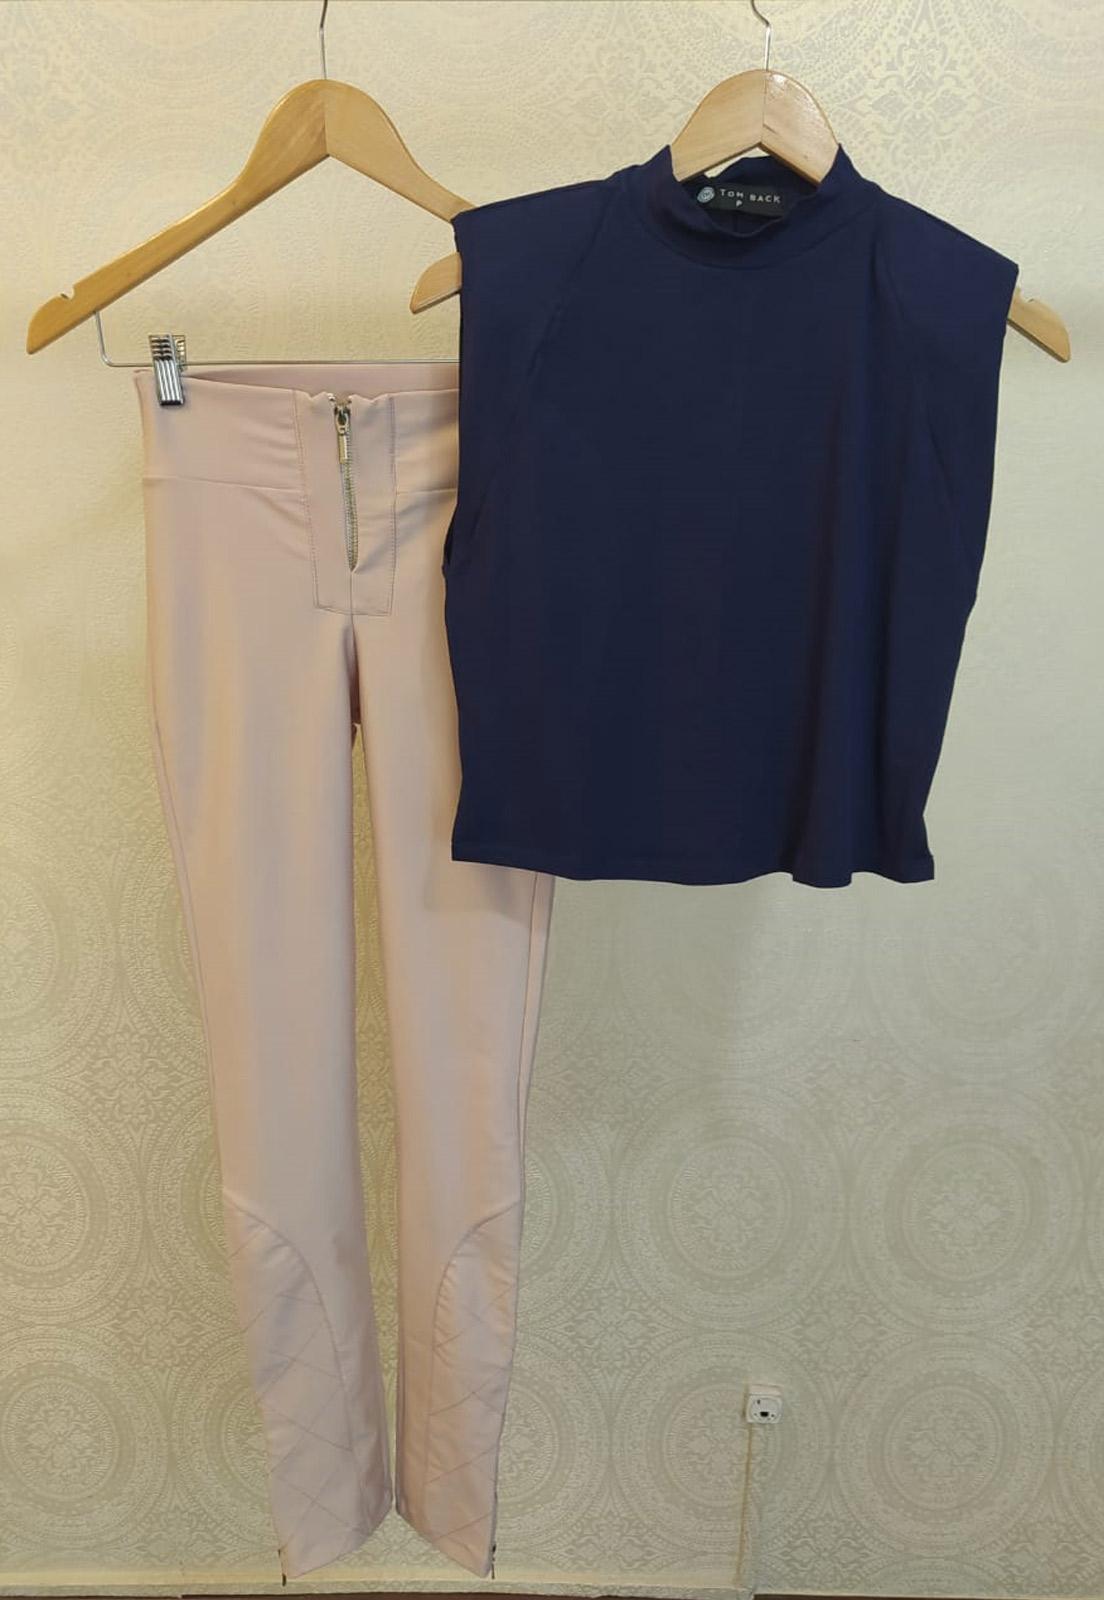 T-shirt Maia Azul + Calça Charme Rosê